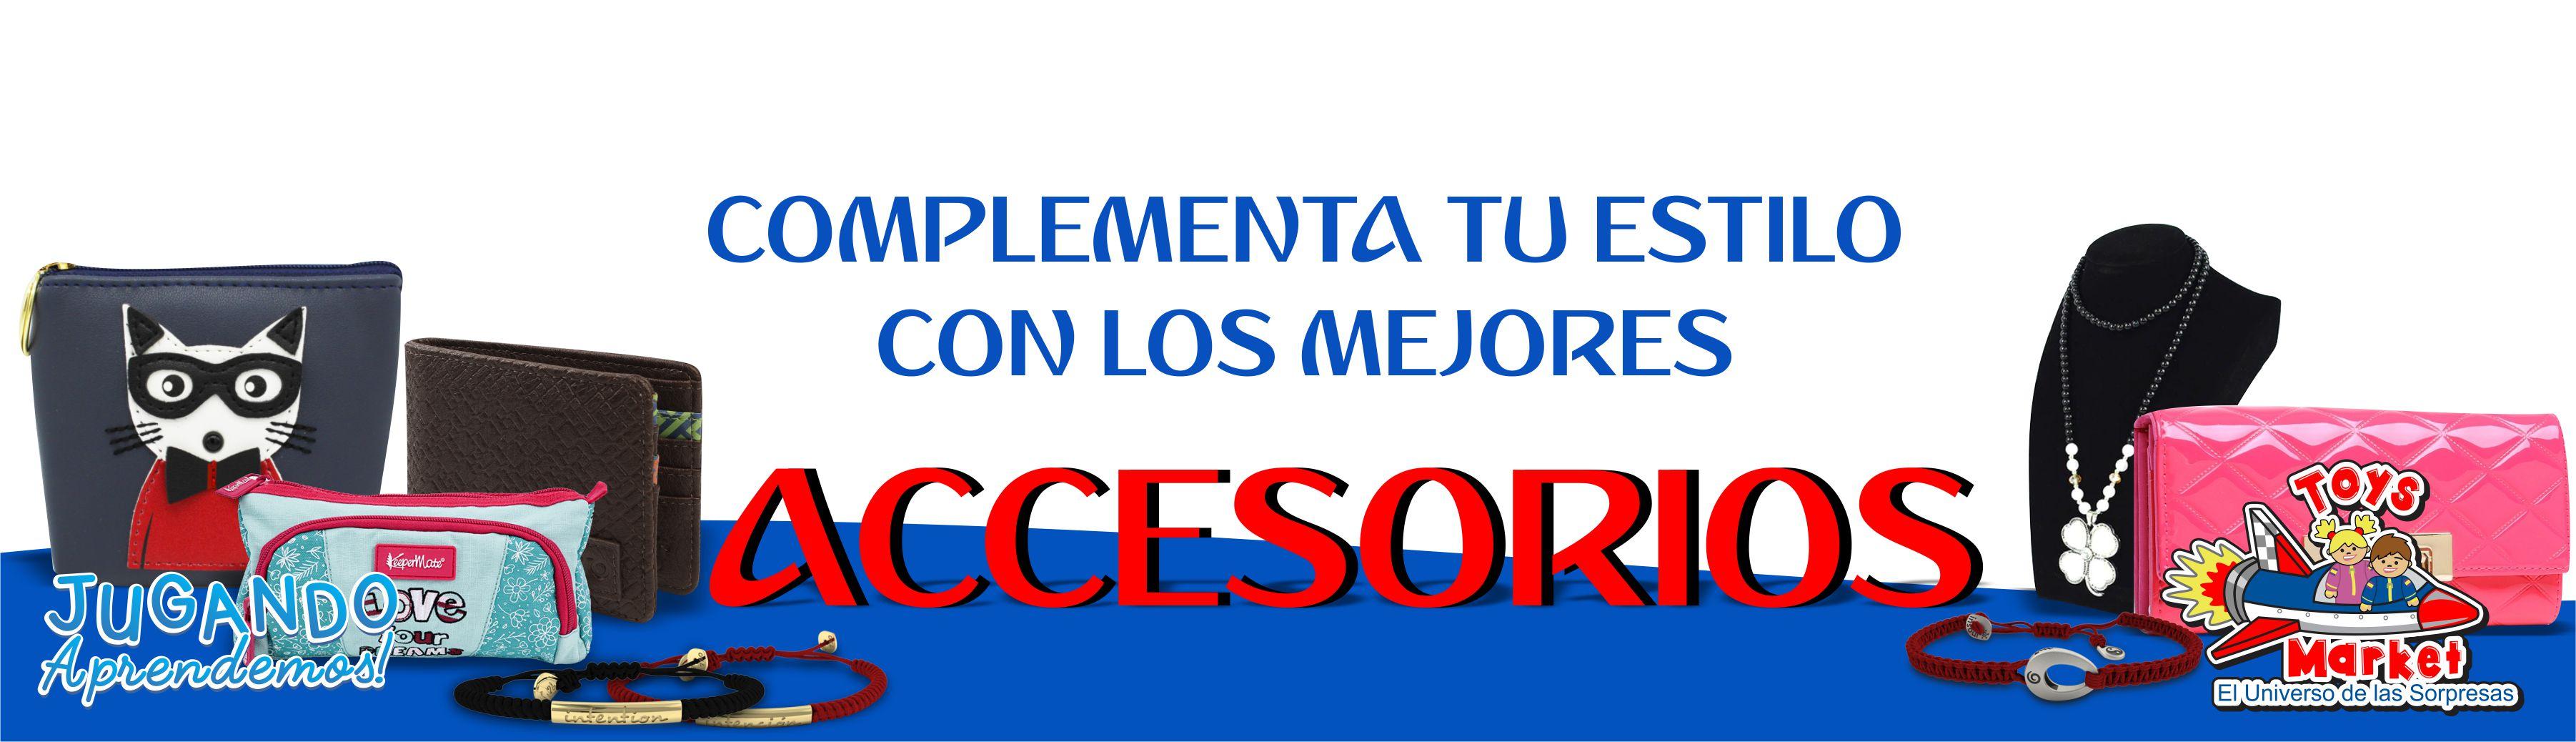 banner ACCESORIOS 1